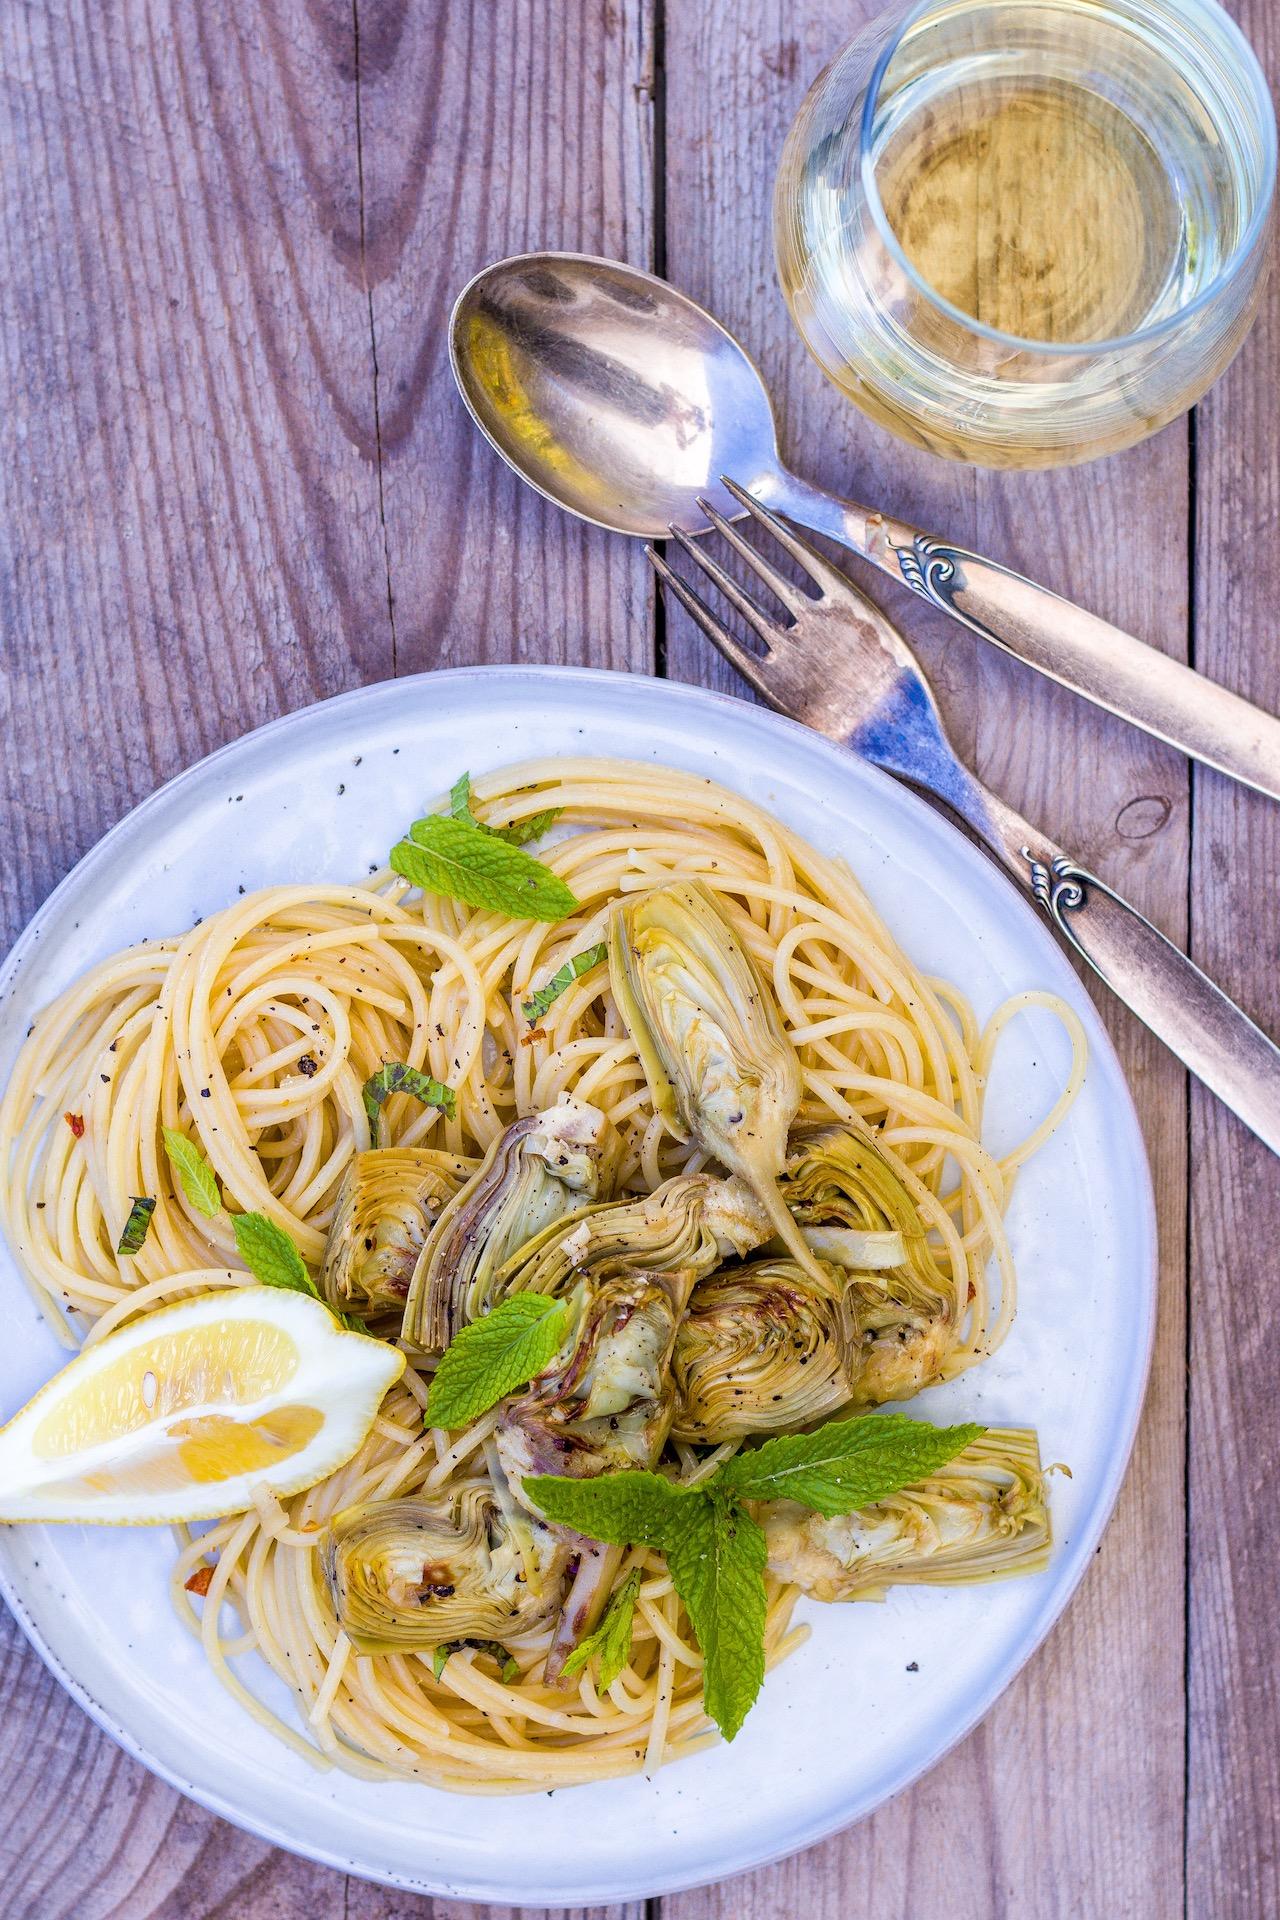 Lecker italienische Pasta mit Artischocken und Minze. #lecker #einfach #pasta #nudeln #vegetarisch #vegan #artischocken #minze